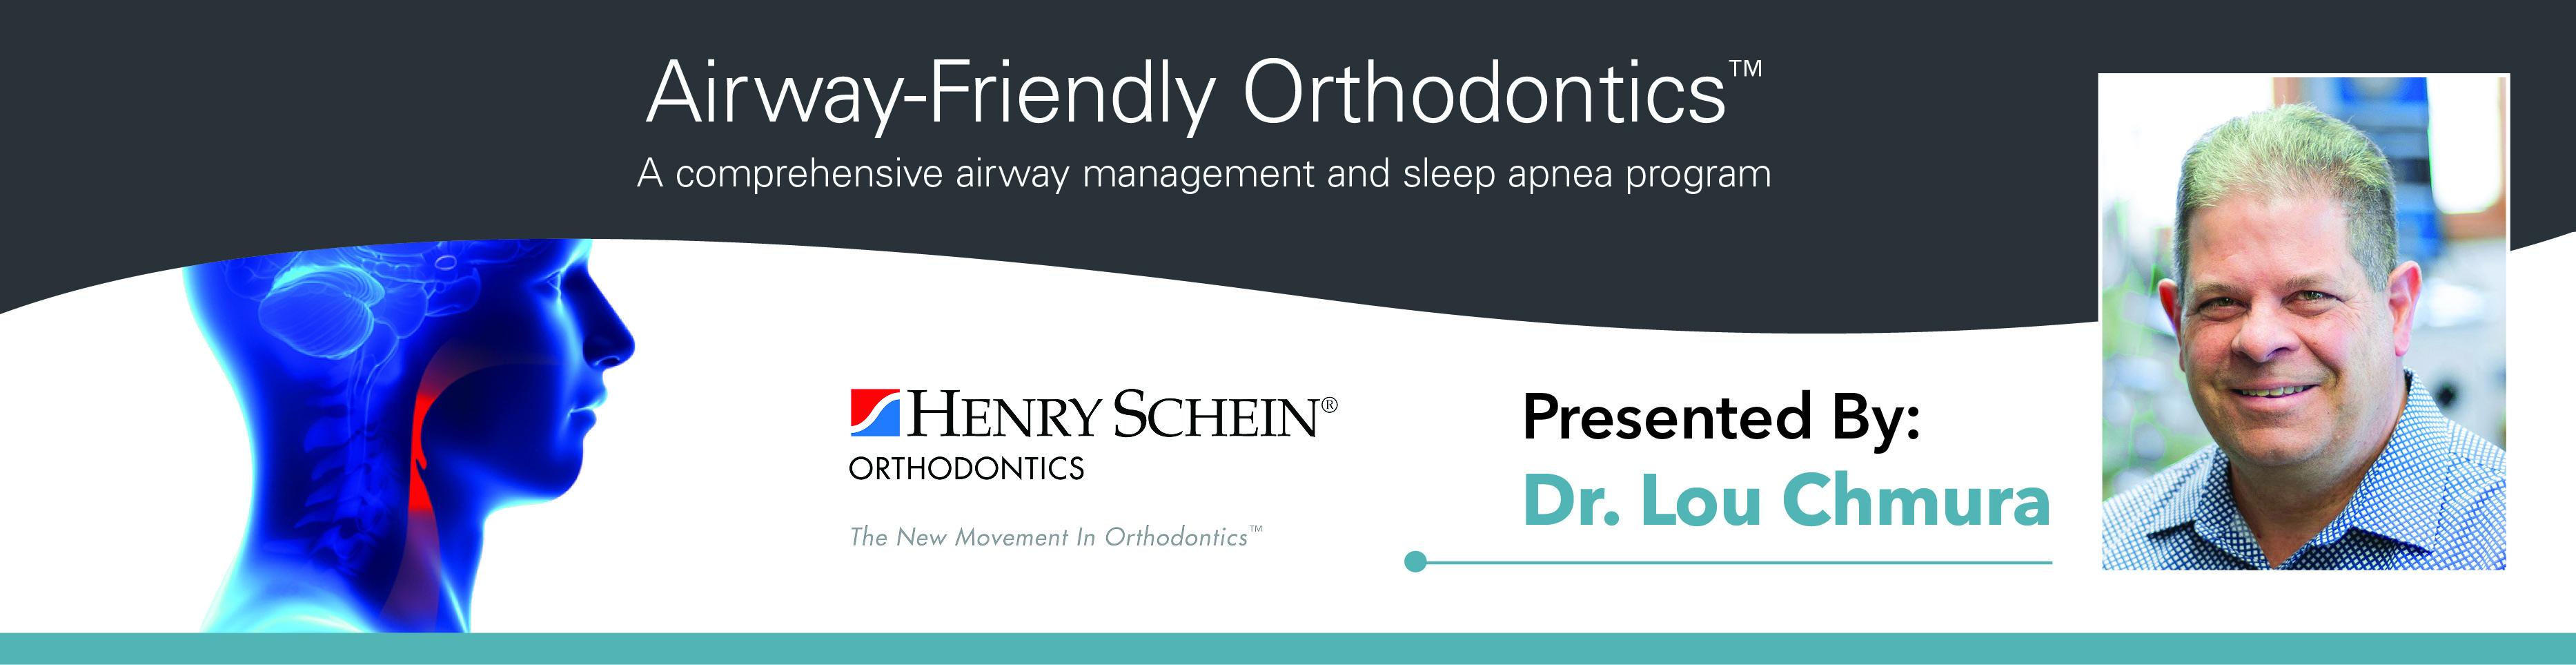 Airway-Friendly Orthodontics™